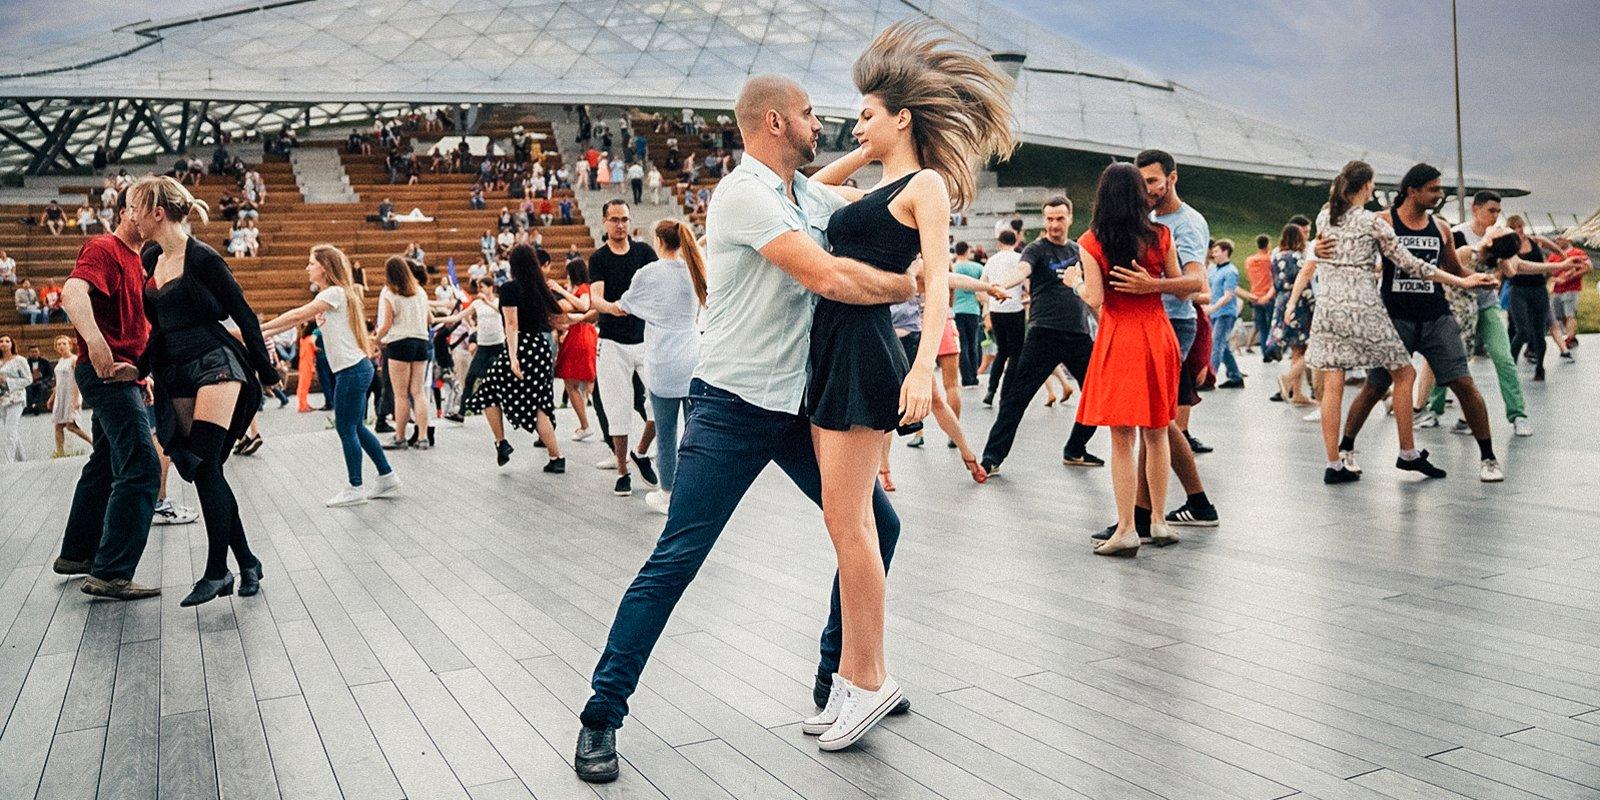 Бесплатно научиться танцевать смогут жители Южного Тушина